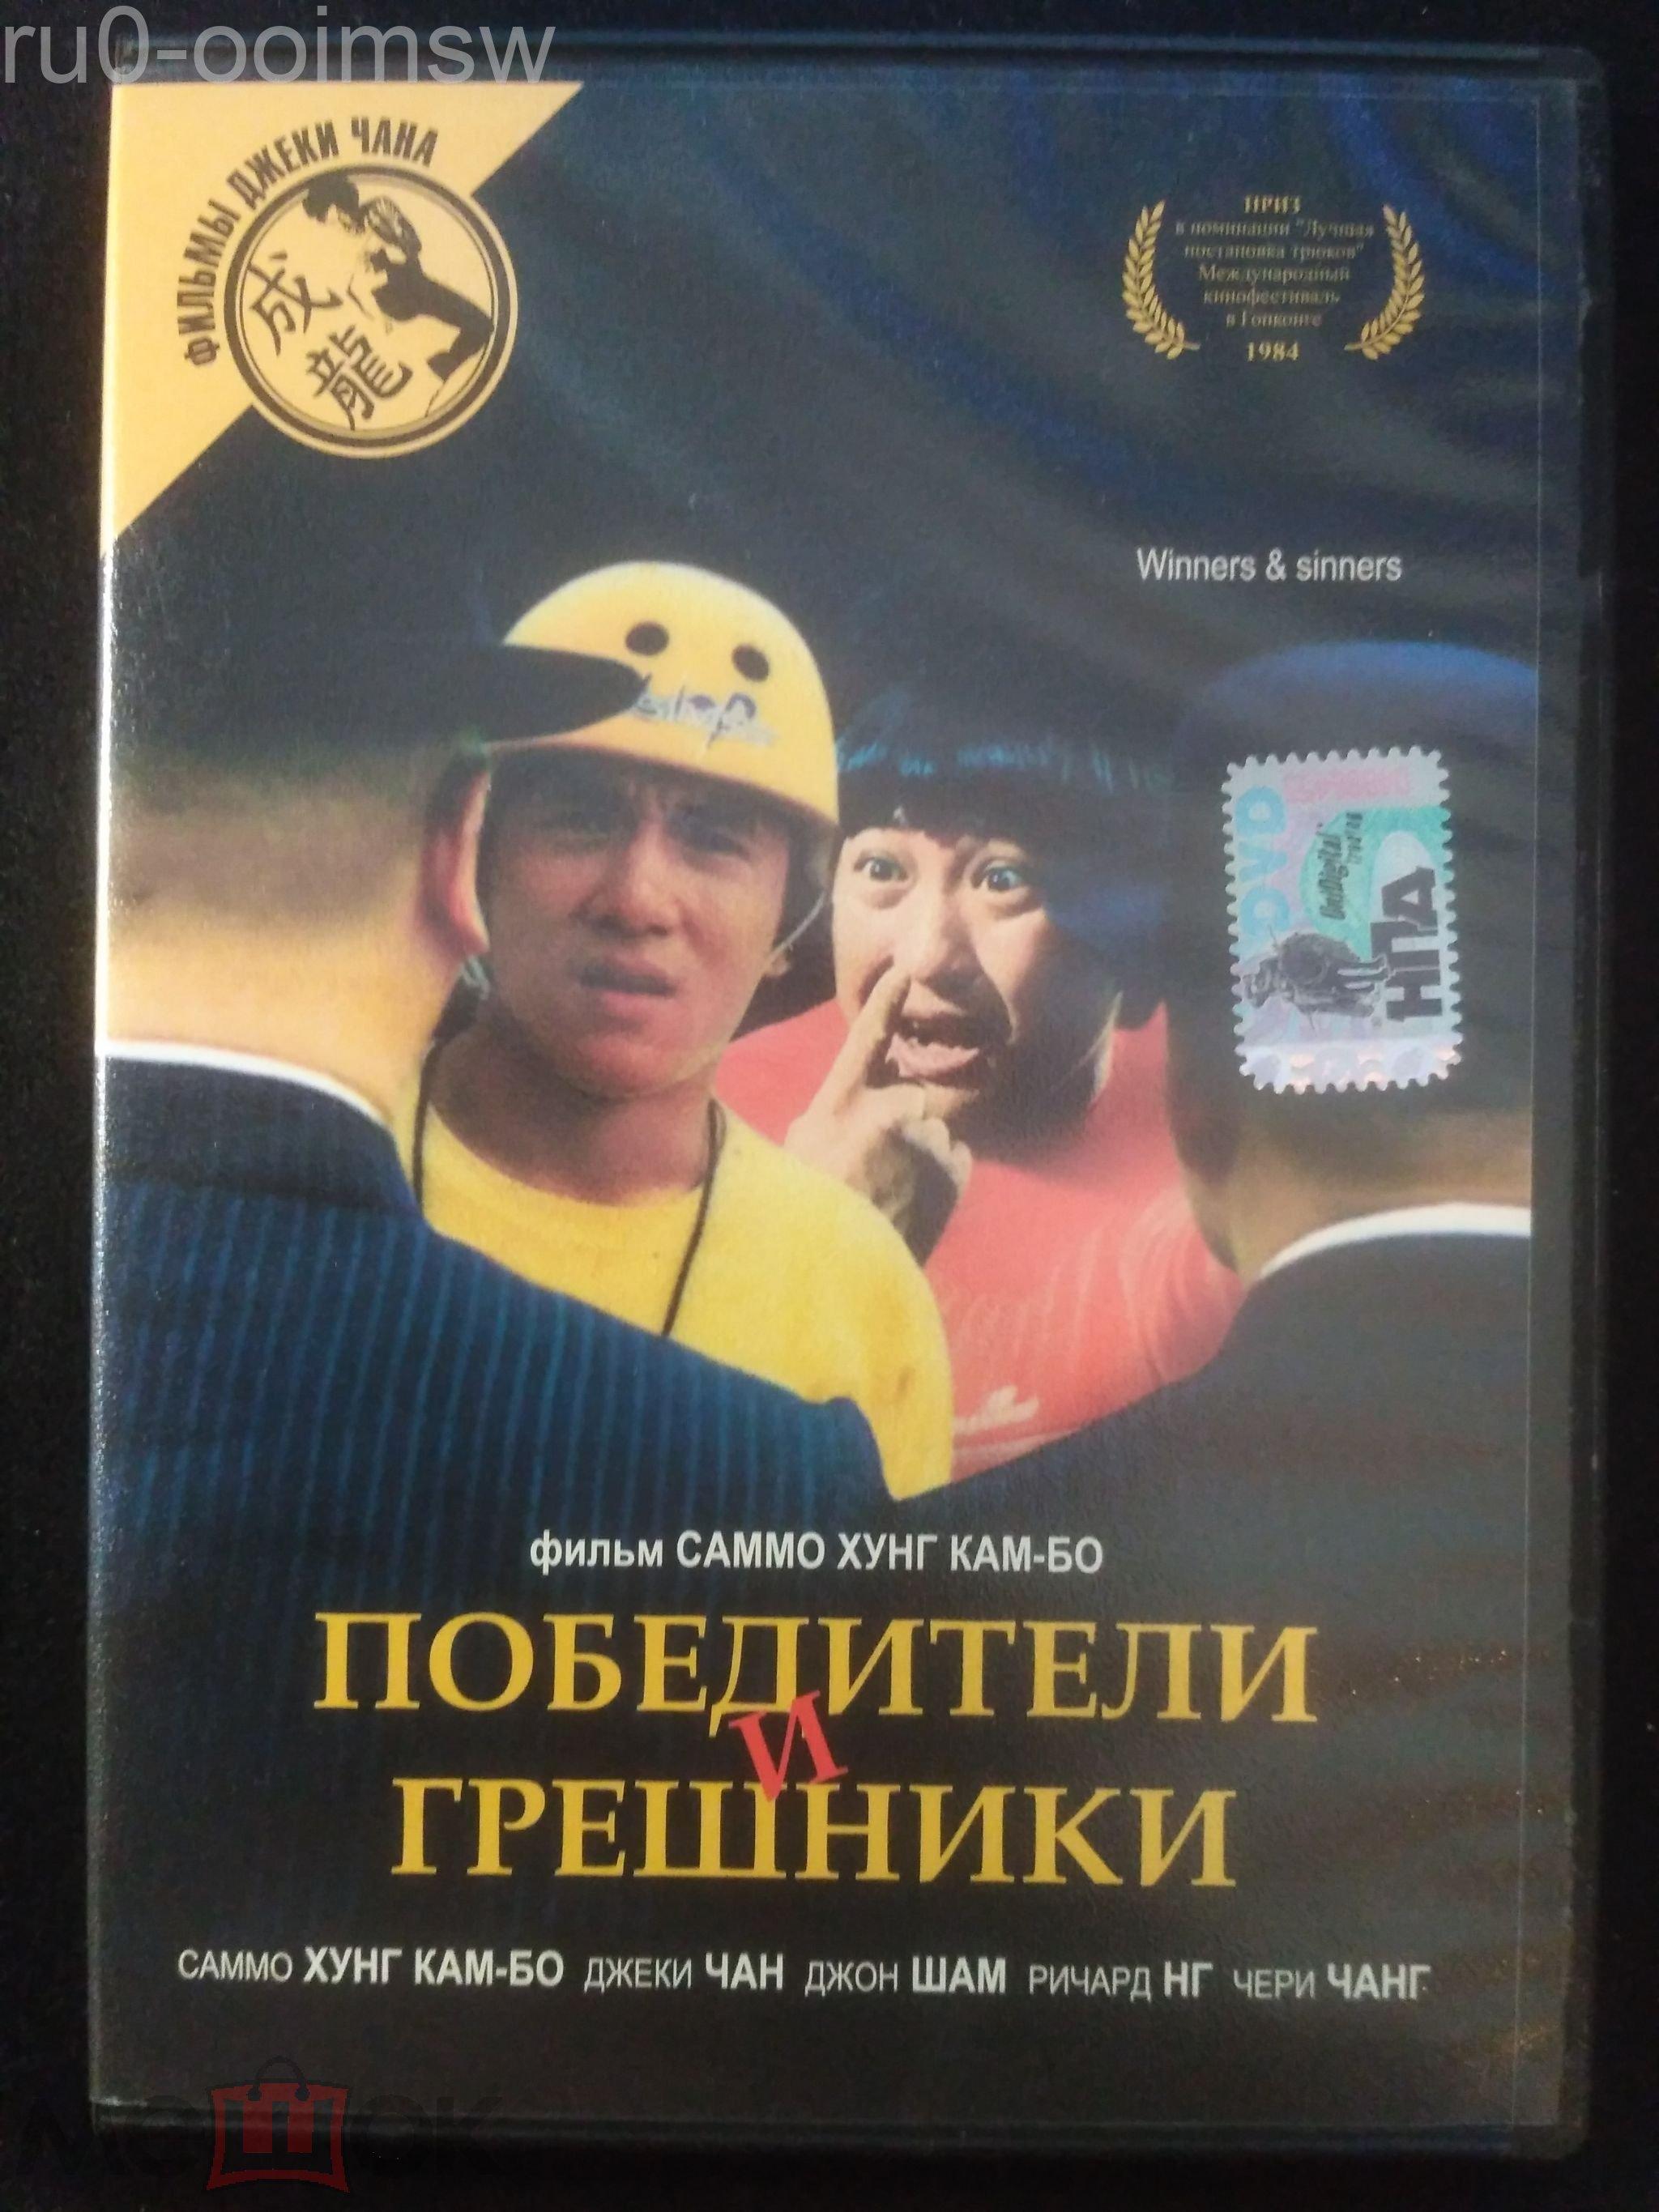 Фильм победители и грешники с джеки чаном фильм похожий на властелина колец